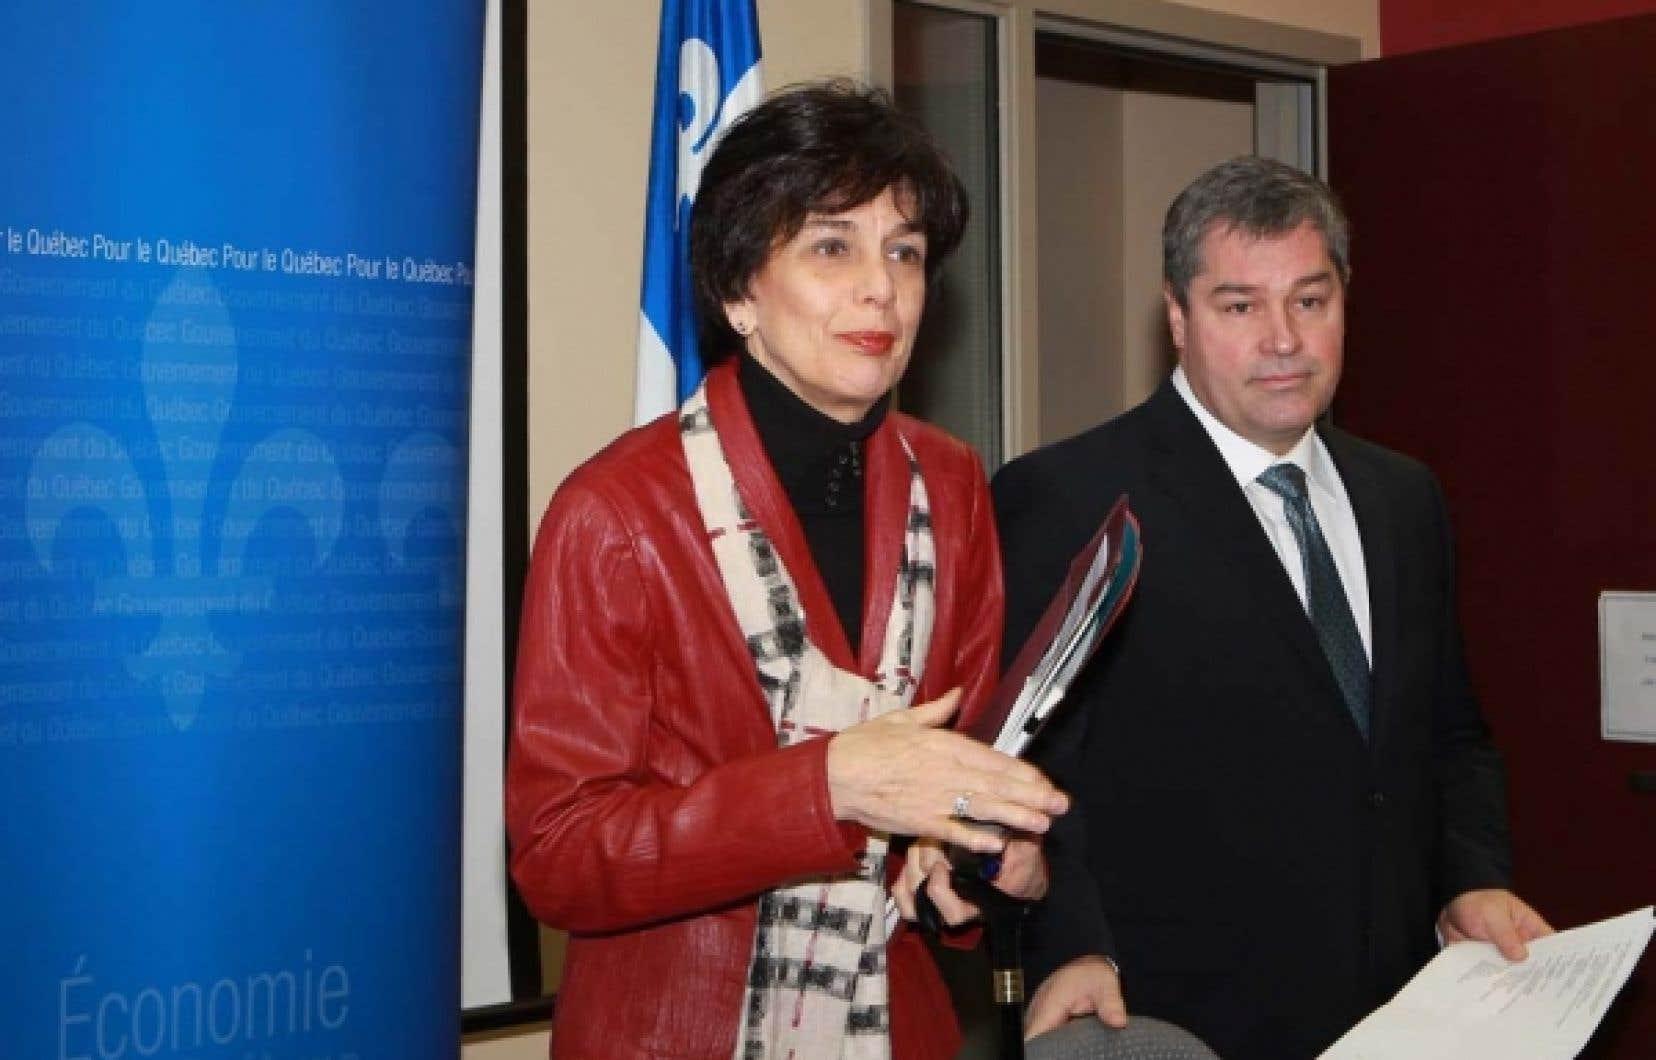 Le coût du projet du CHUM dépasse maintenant deux milliards, ont confirmé les ministres Michelle Courchesne et Yves Bolduc. <br />